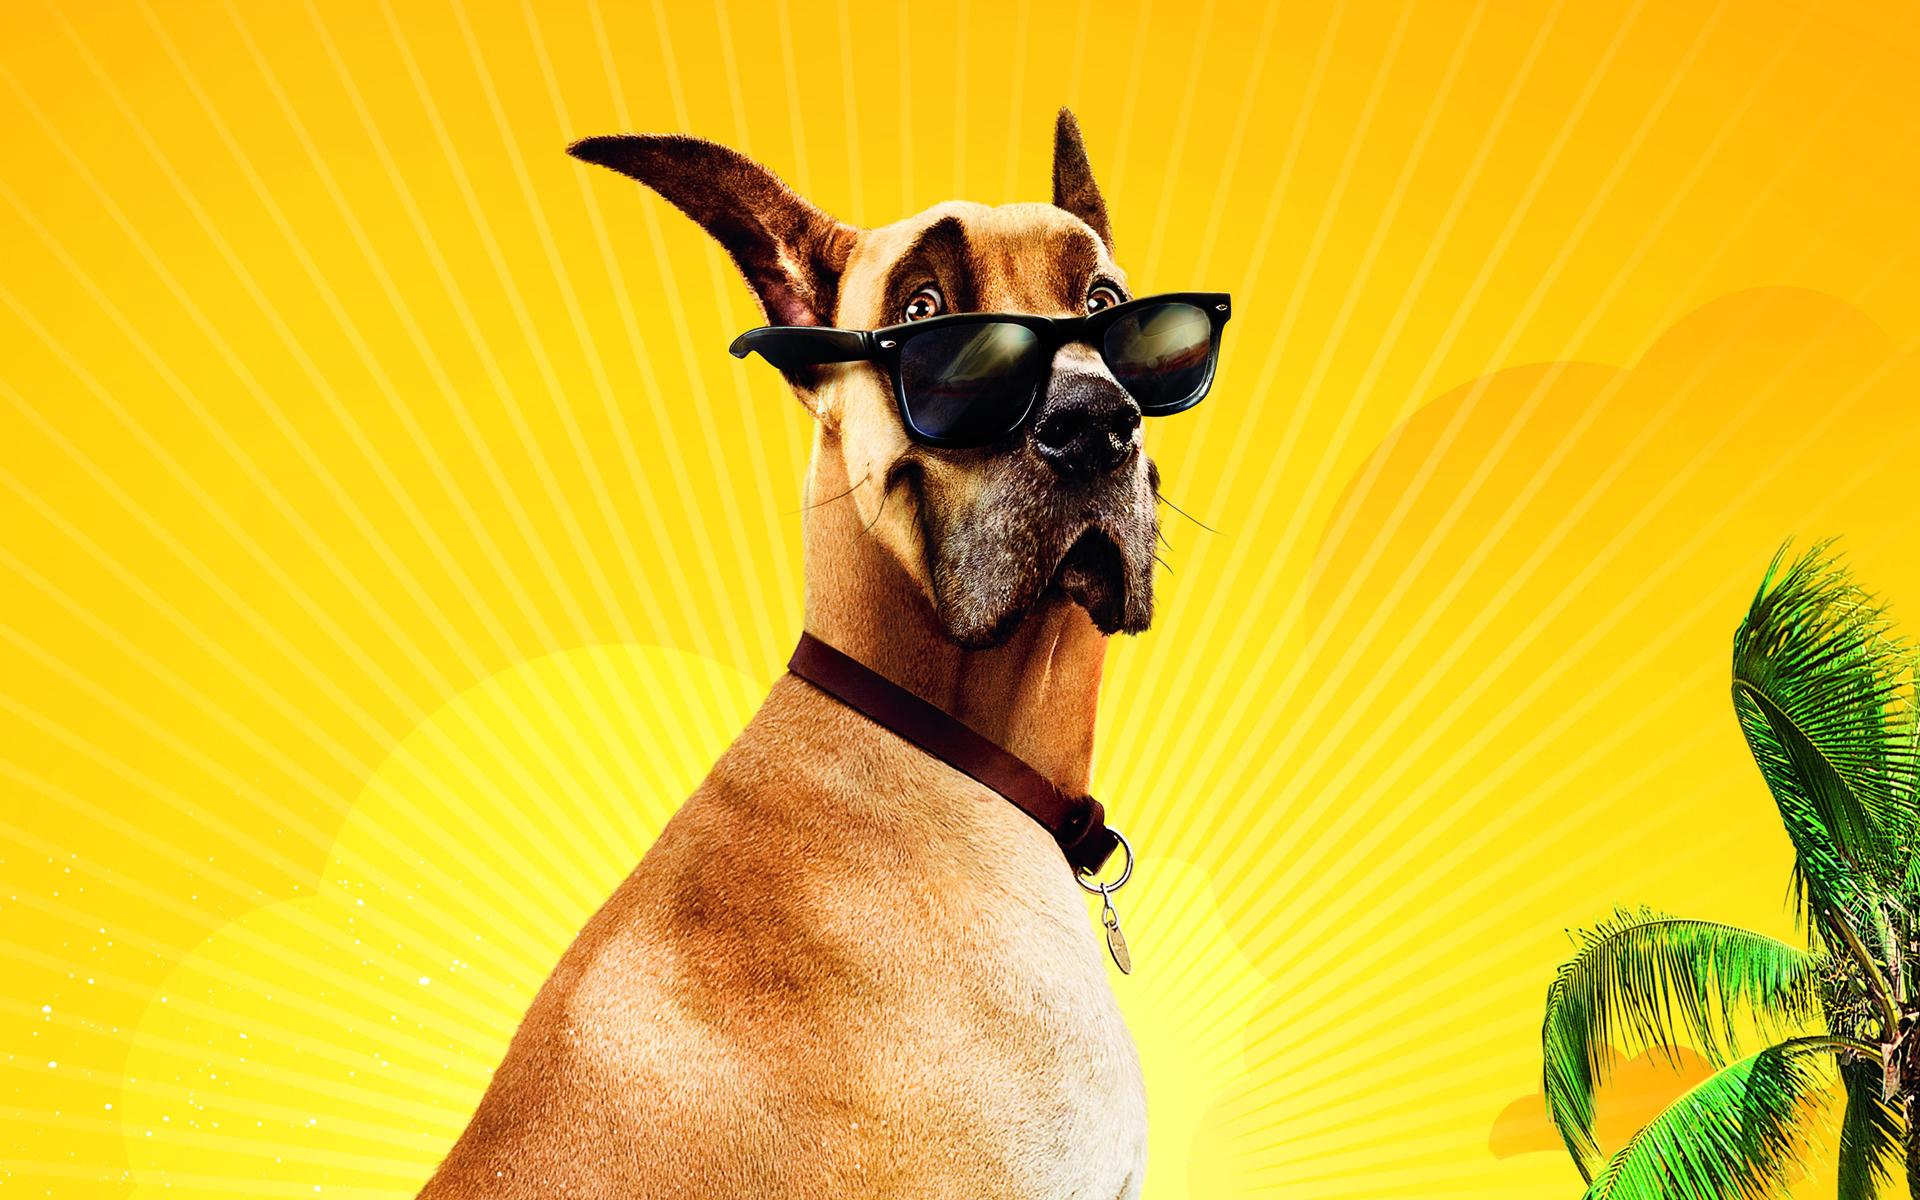 Певец собака юмор очки  № 1527438 бесплатно